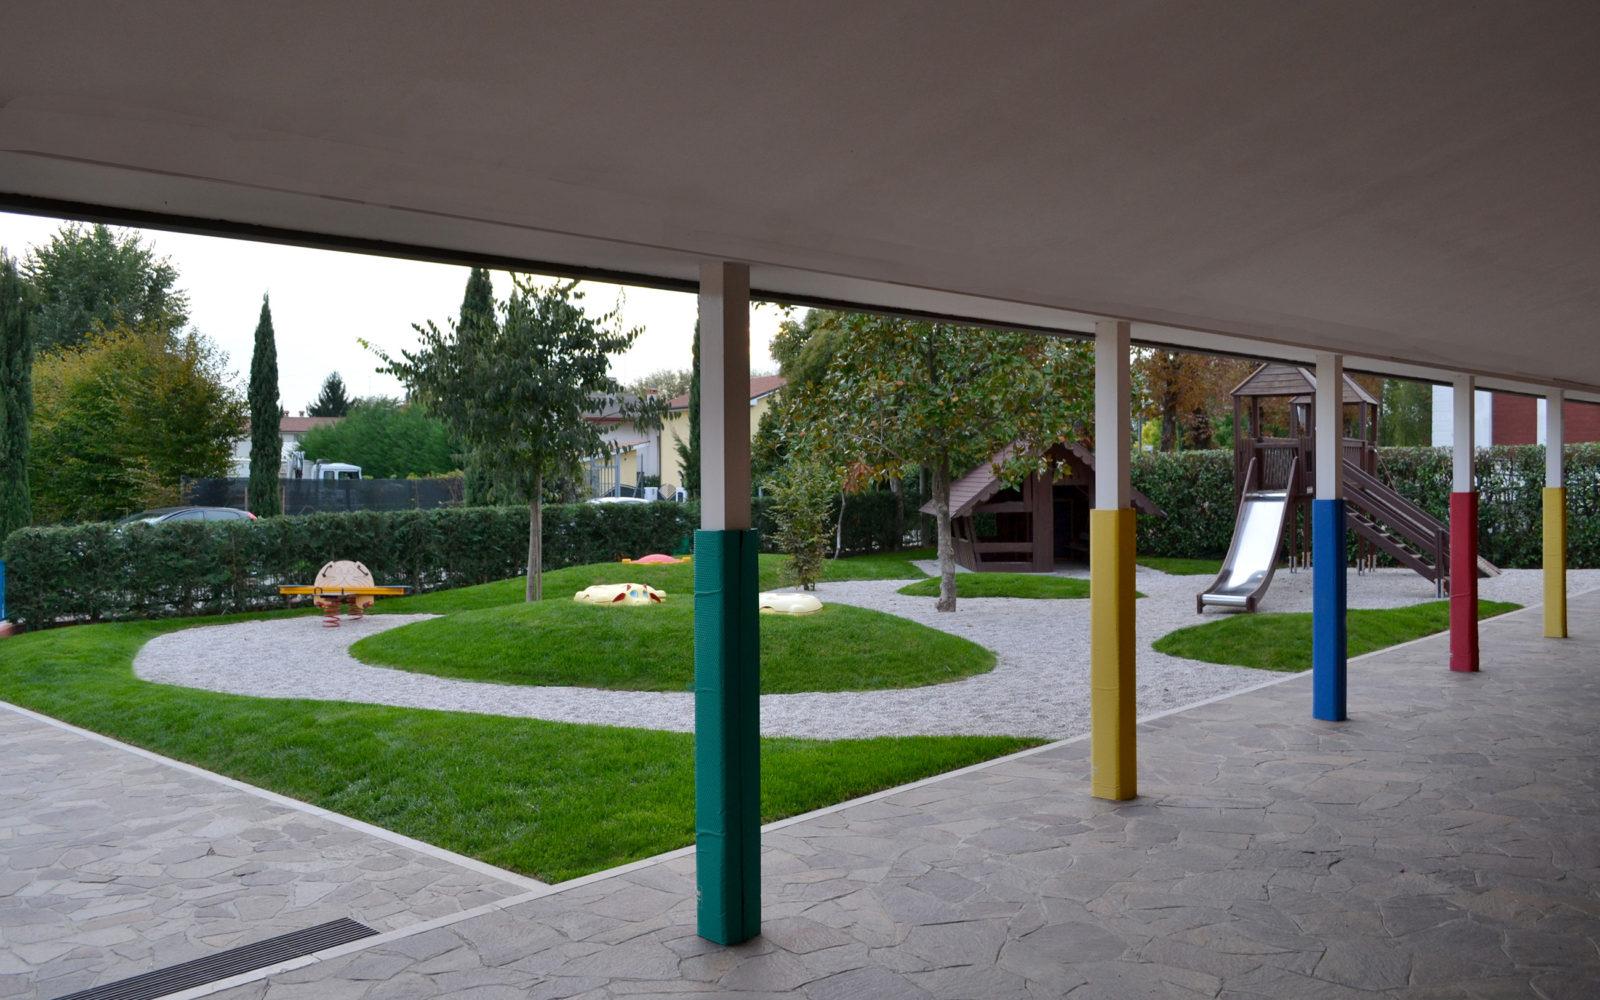 giardino ludico della scuola materna Pio X a Lancenigo di Villorba - 6